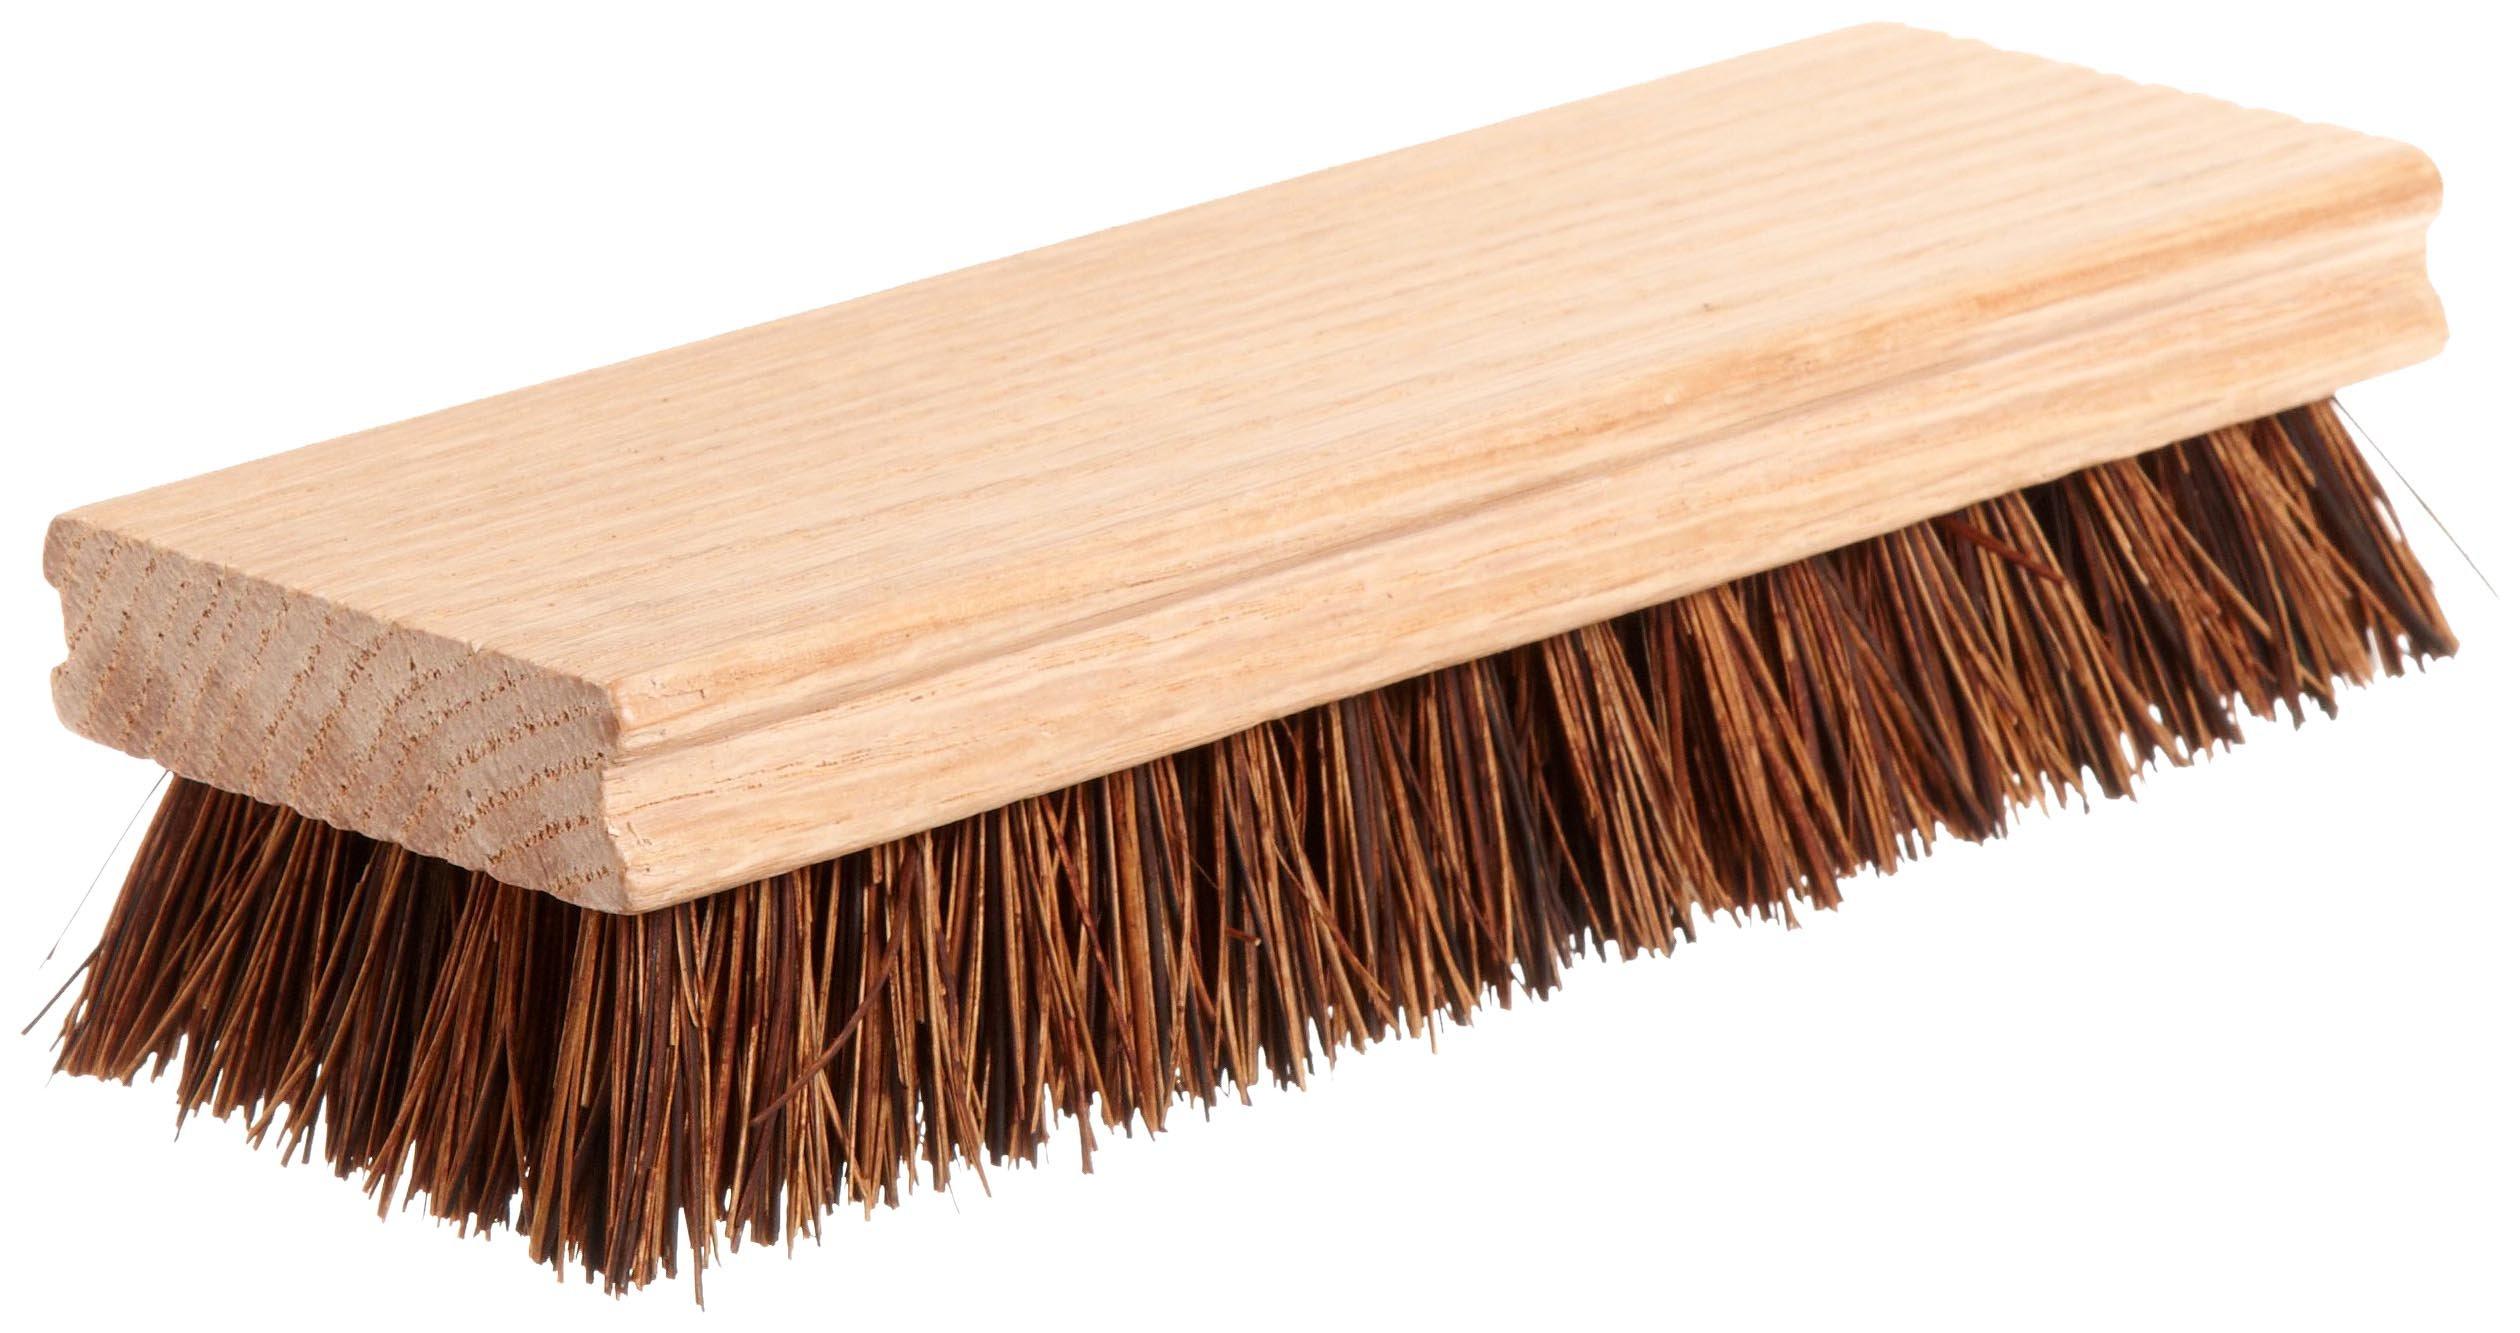 Oblong Scrub Brushes - palmyra oblong scrub brush [Set of 12]